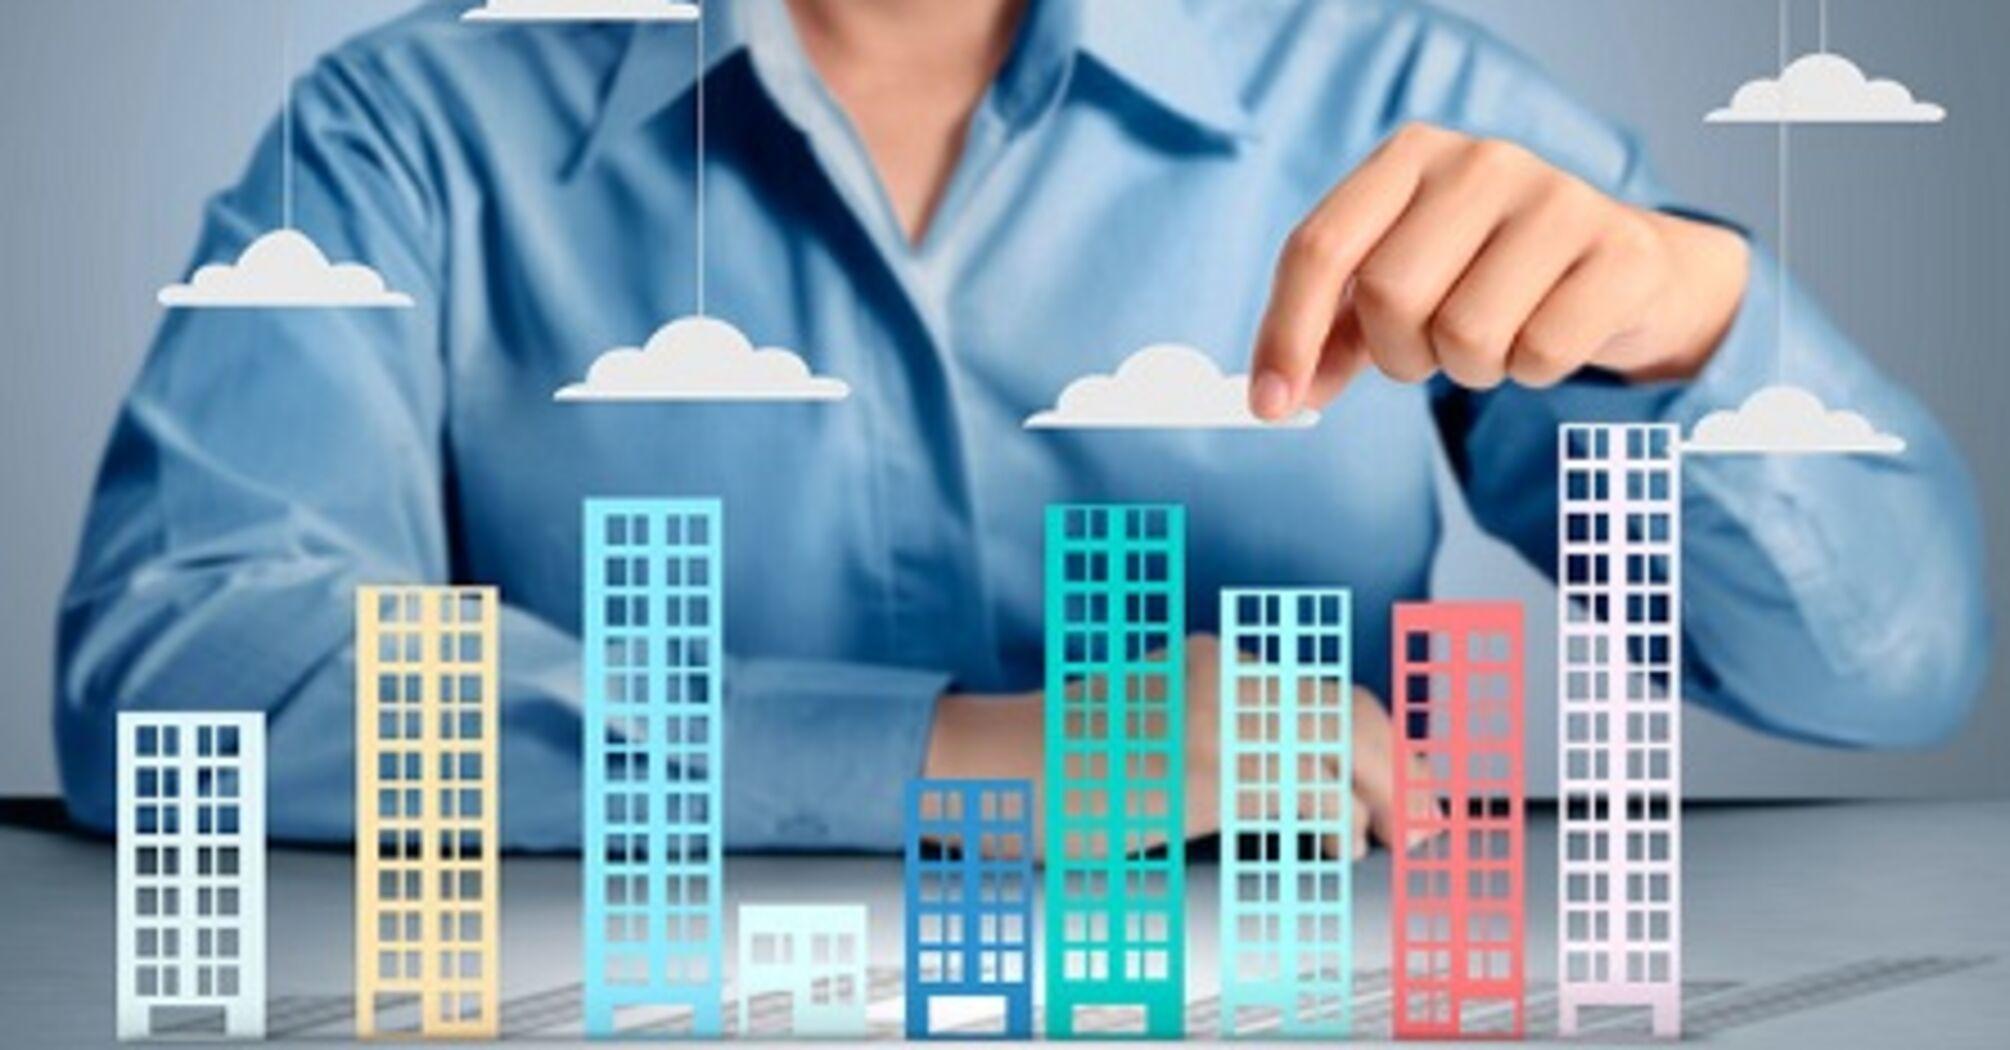 Обнародован рейтинг самых дорогих для застройки городов мира